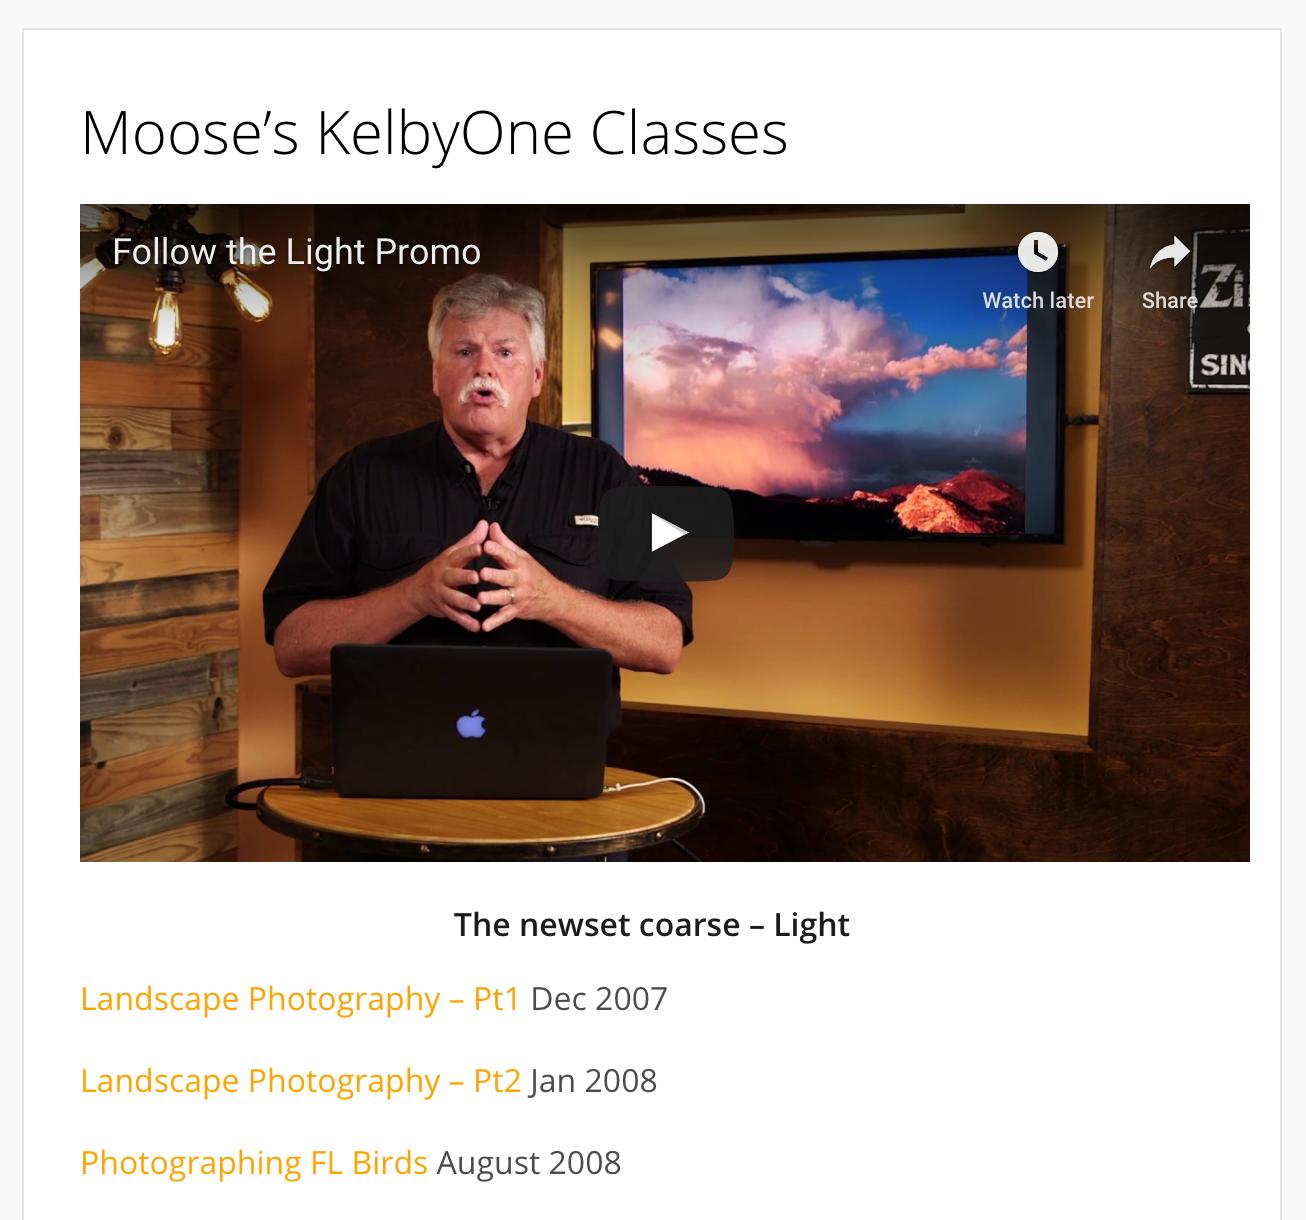 Moose's KelbyOne Class List